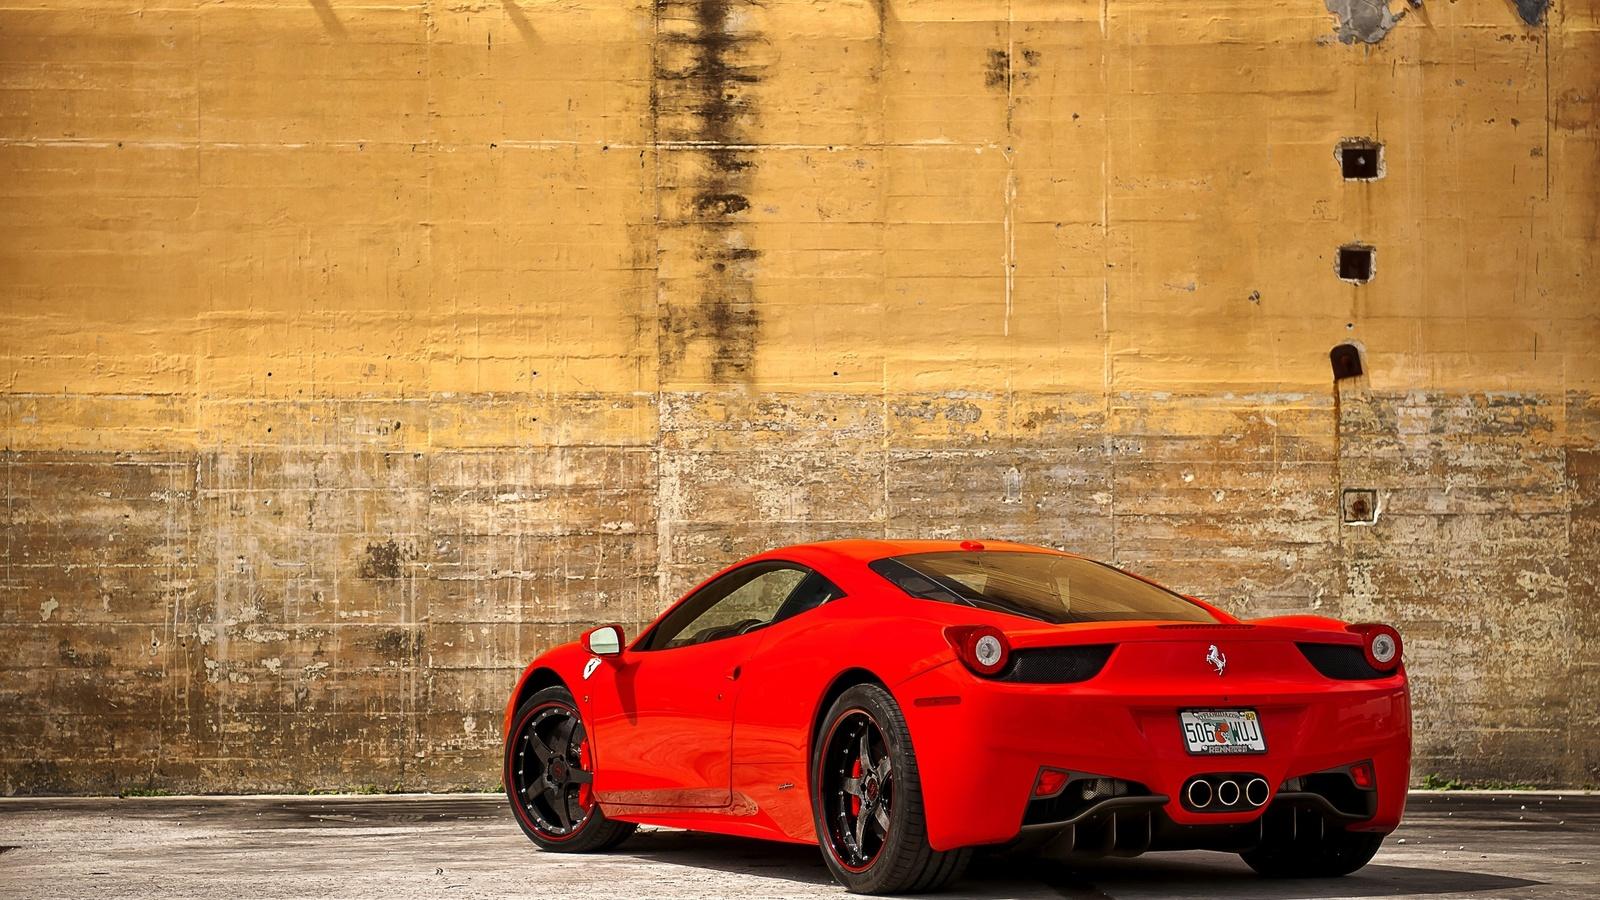 машина, ferrari, мощная, 458 italia, red